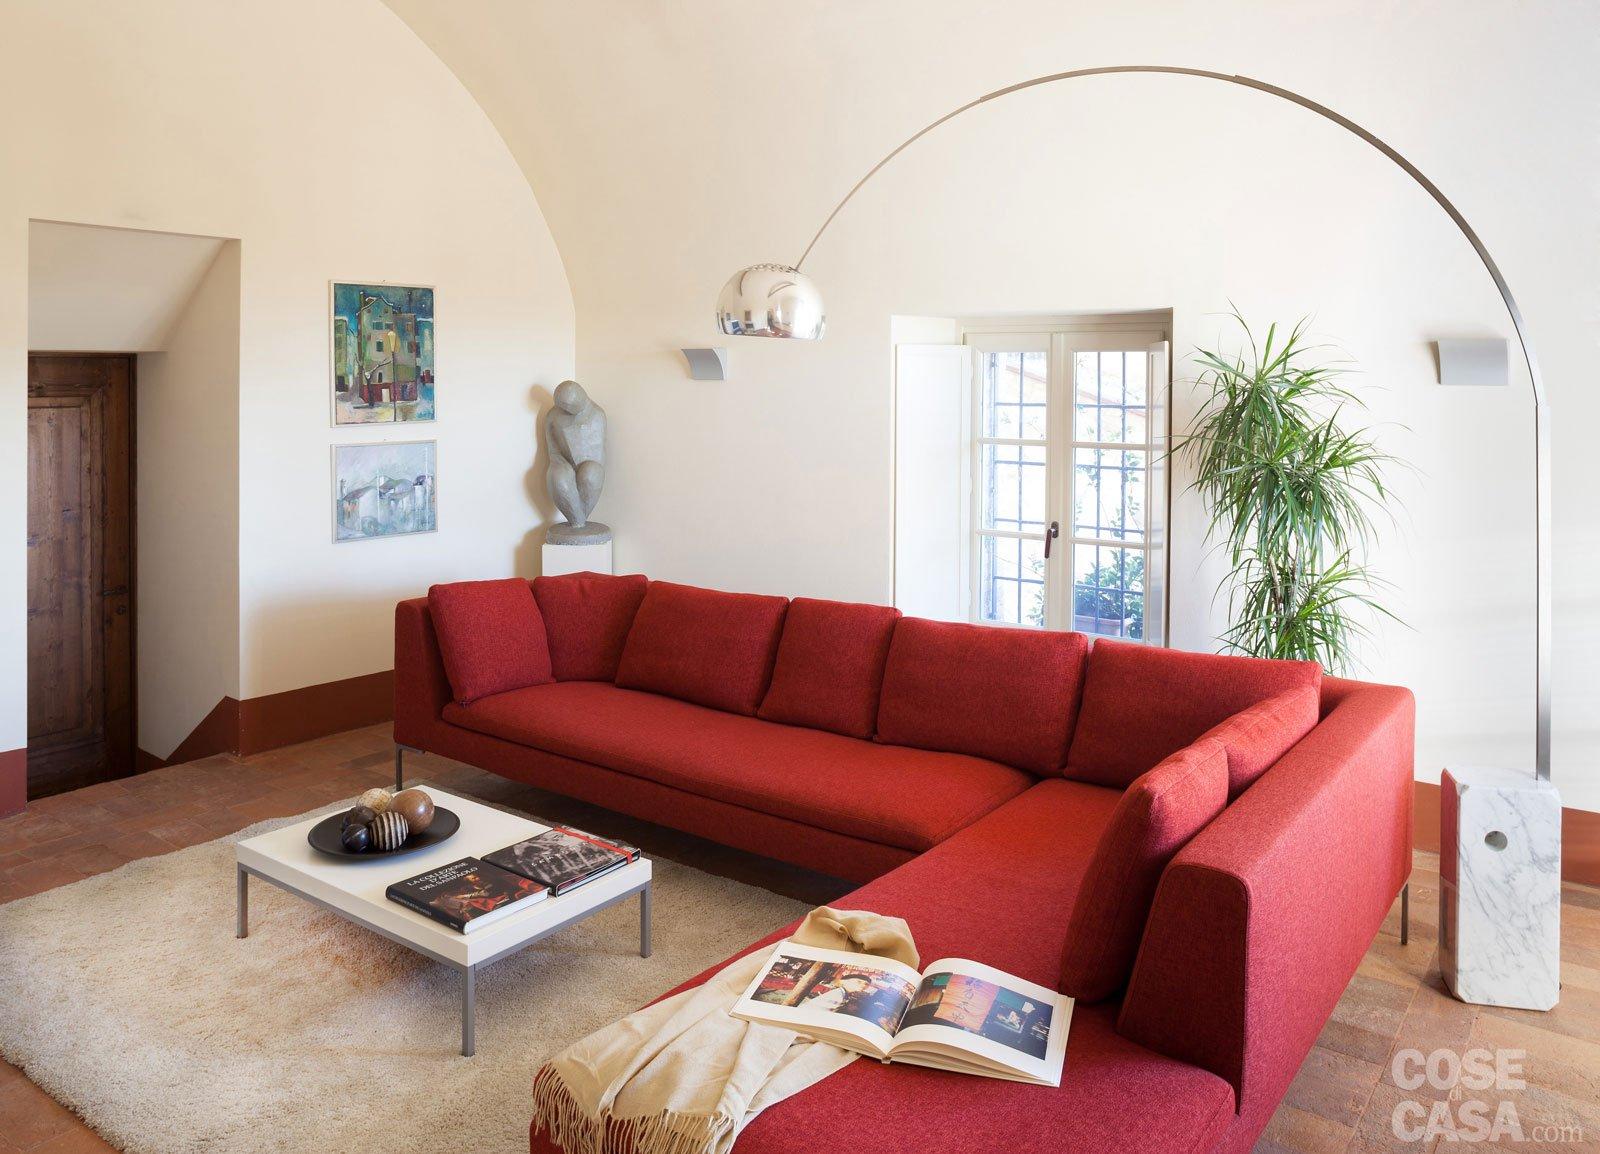 Una casa con ambienti moderni a sfondo rustico cose di casa for Soggiorni moderni in pietra